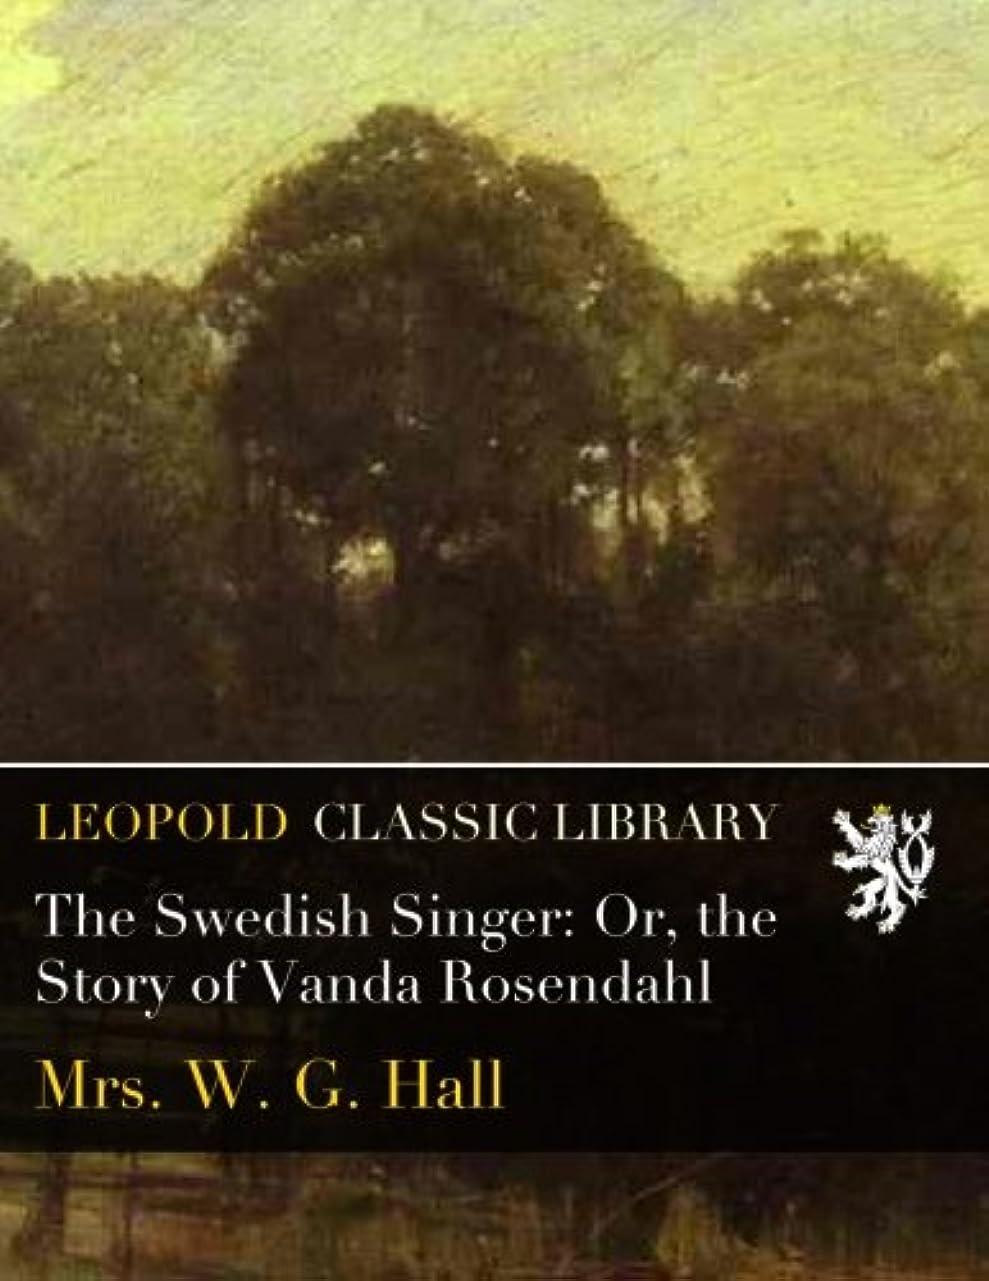 バイパスラップお願いしますThe Swedish Singer: Or, the Story of Vanda Rosendahl